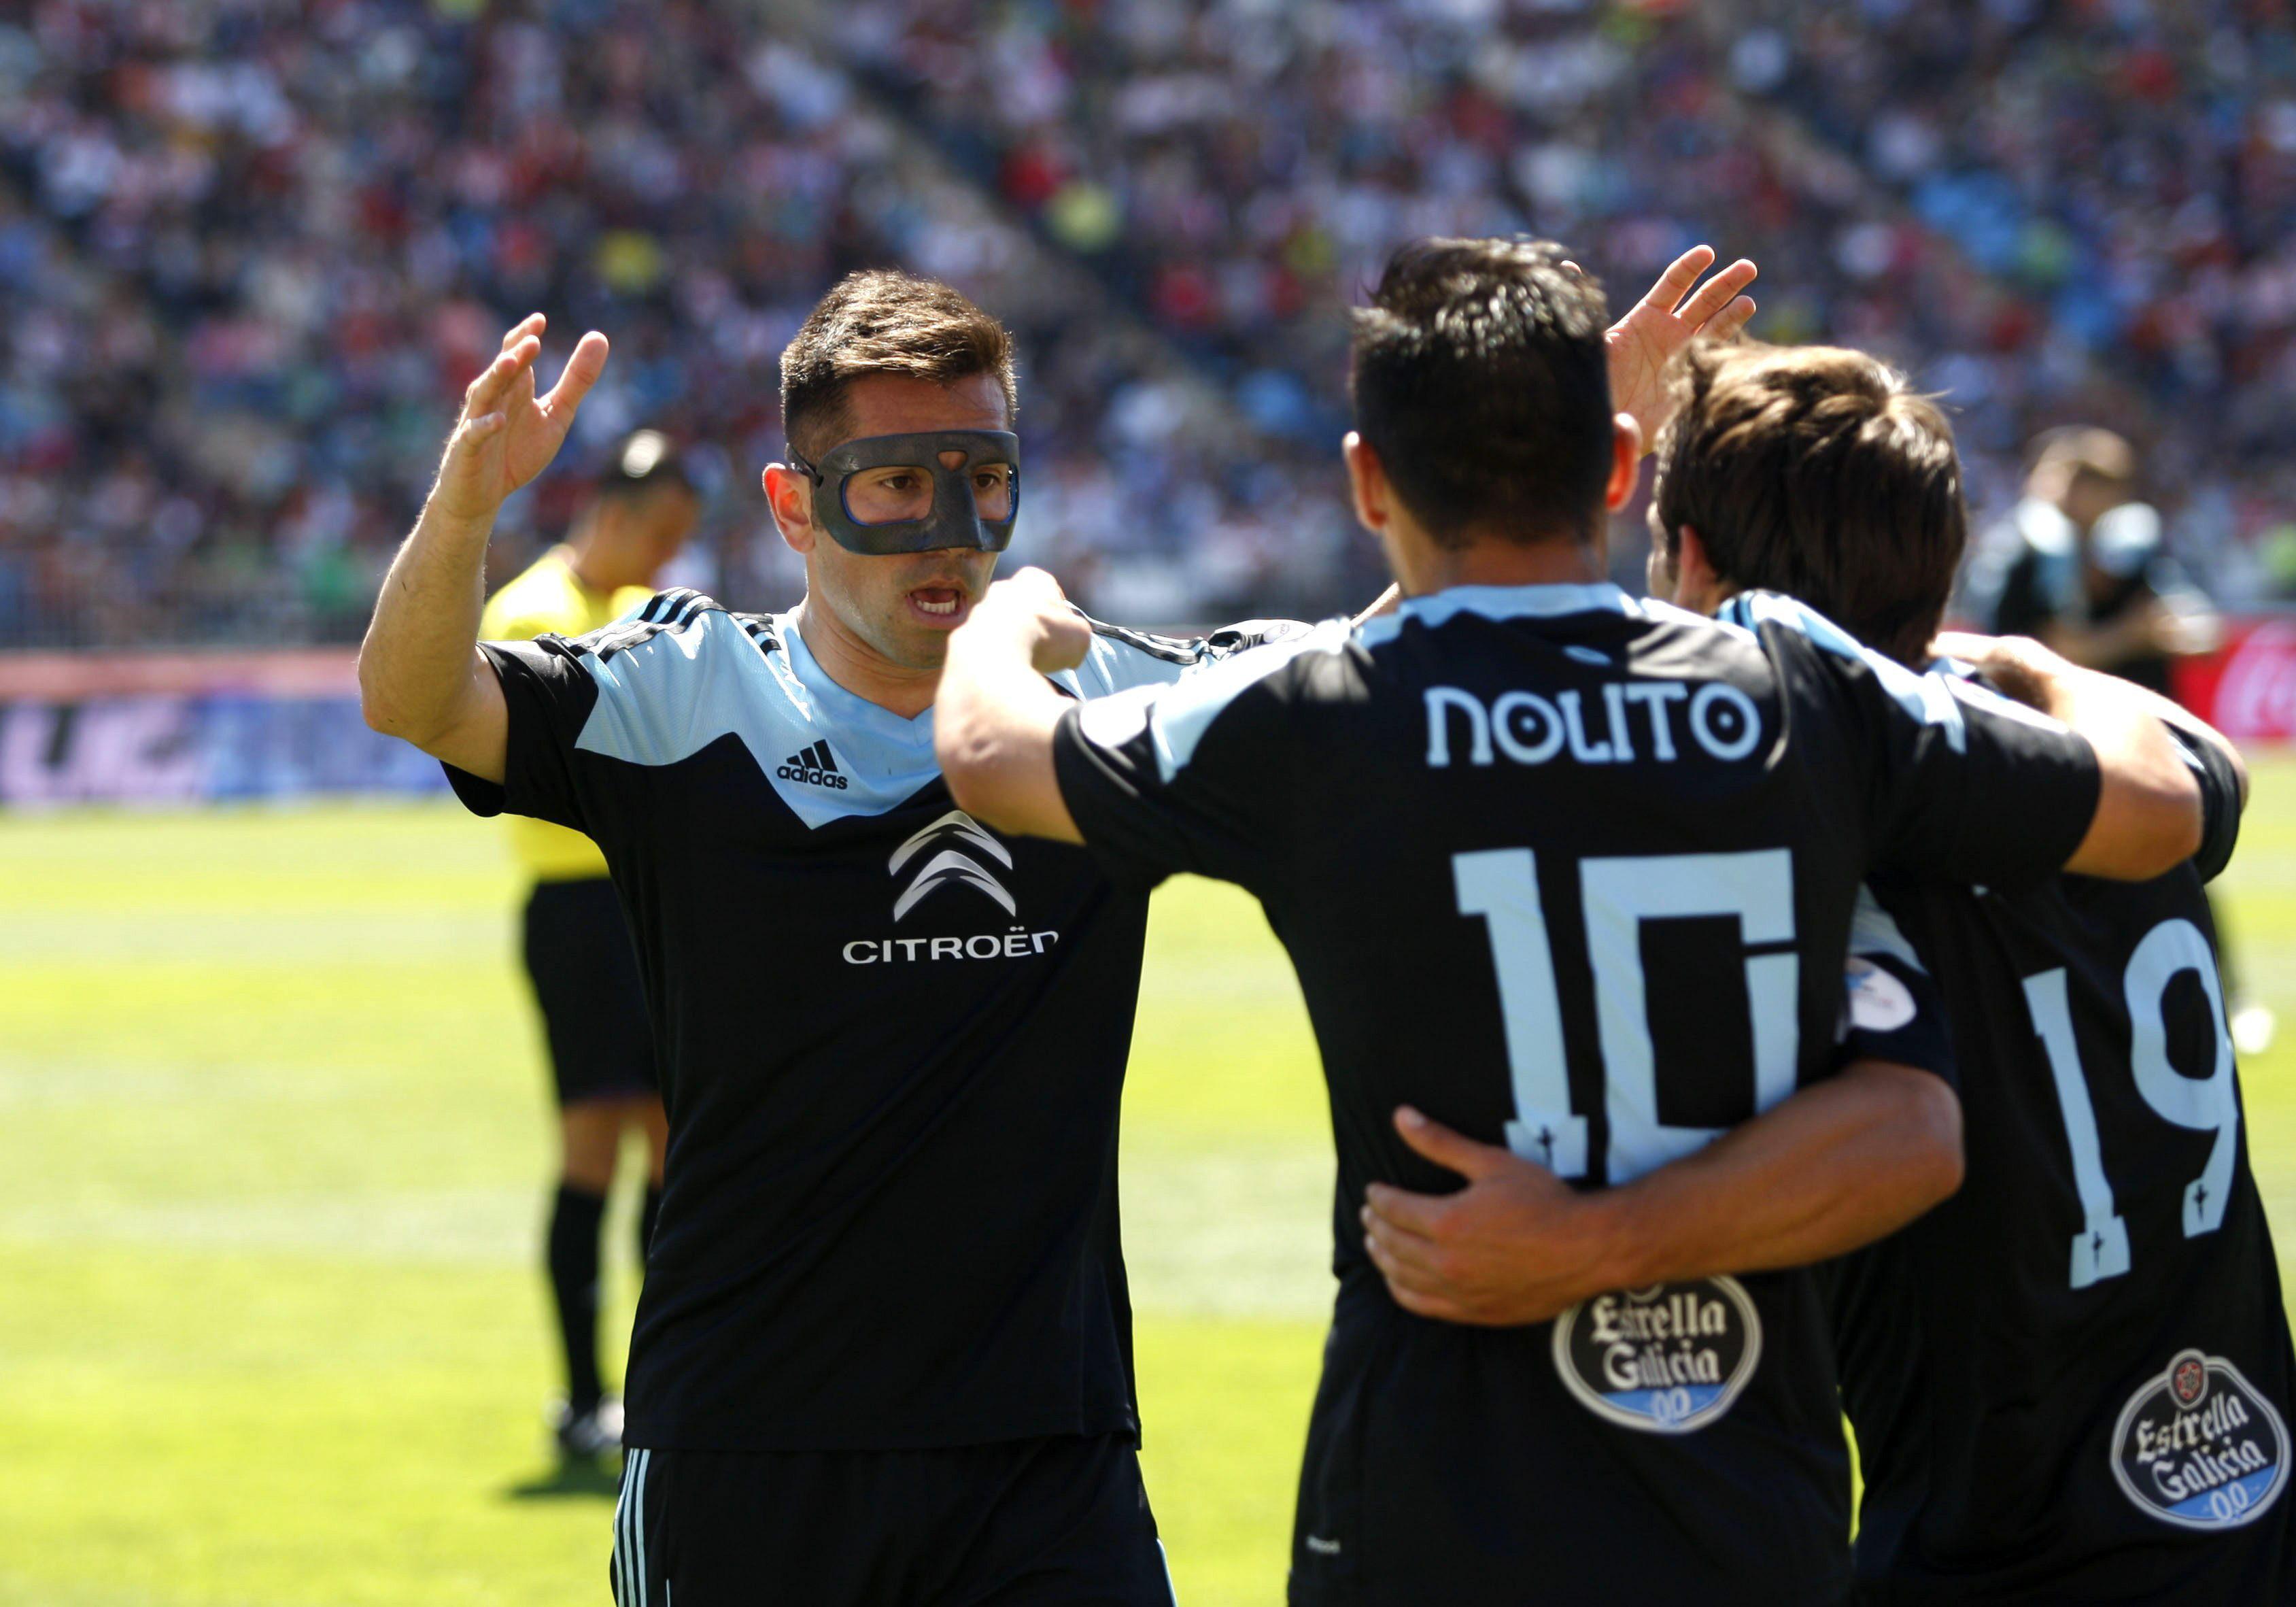 Una gran actuación de Nolito hunde al Almería y deja a flote al Celta